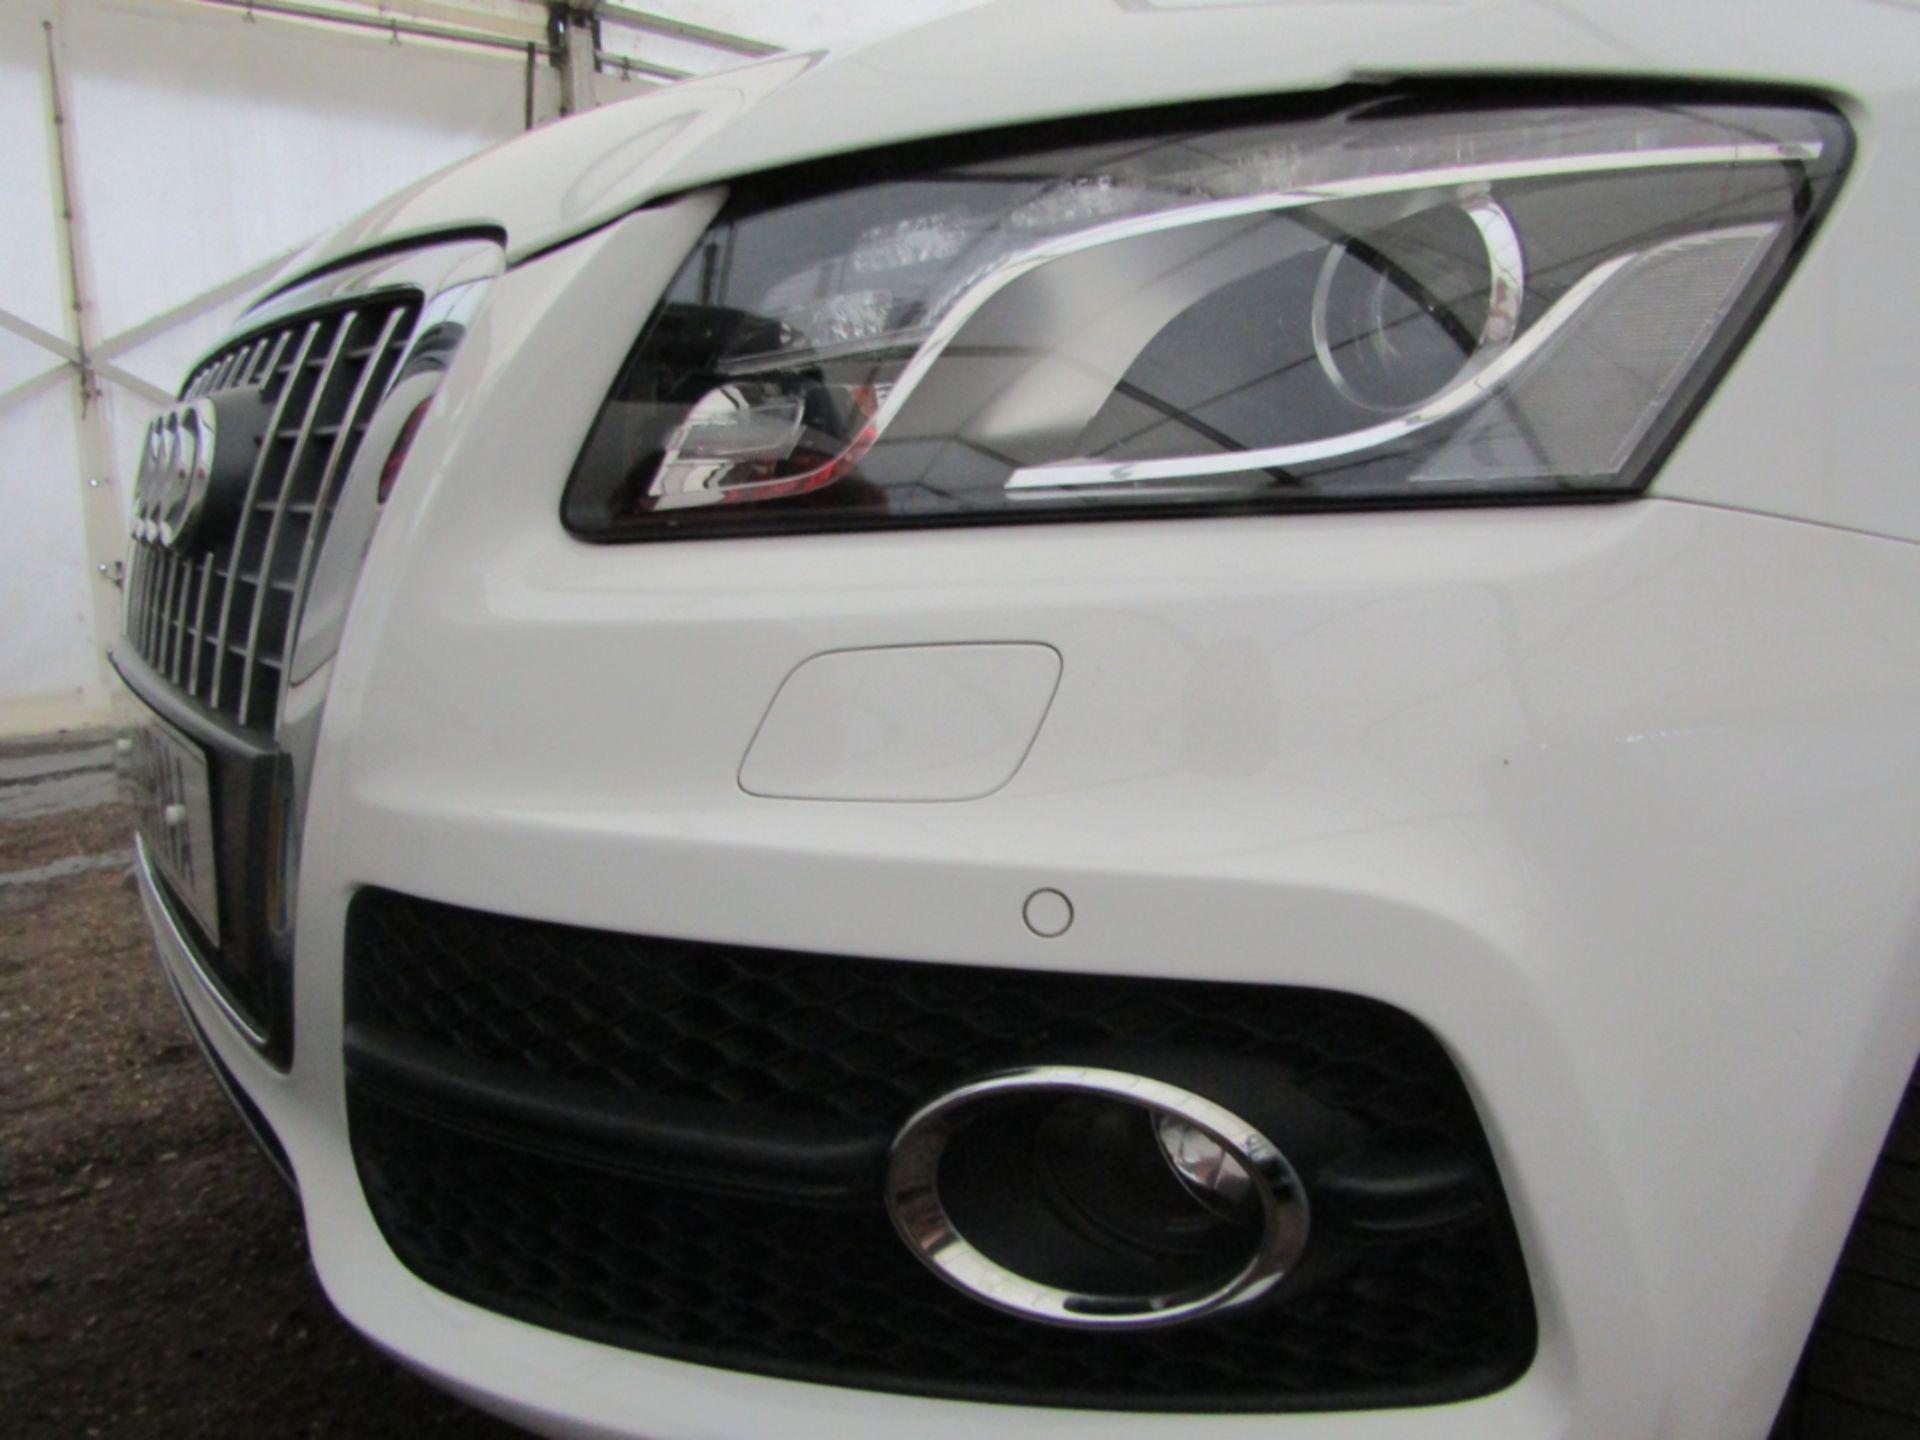 09 09 Audi Q5 S Line TFSI Quattro - Image 15 of 17